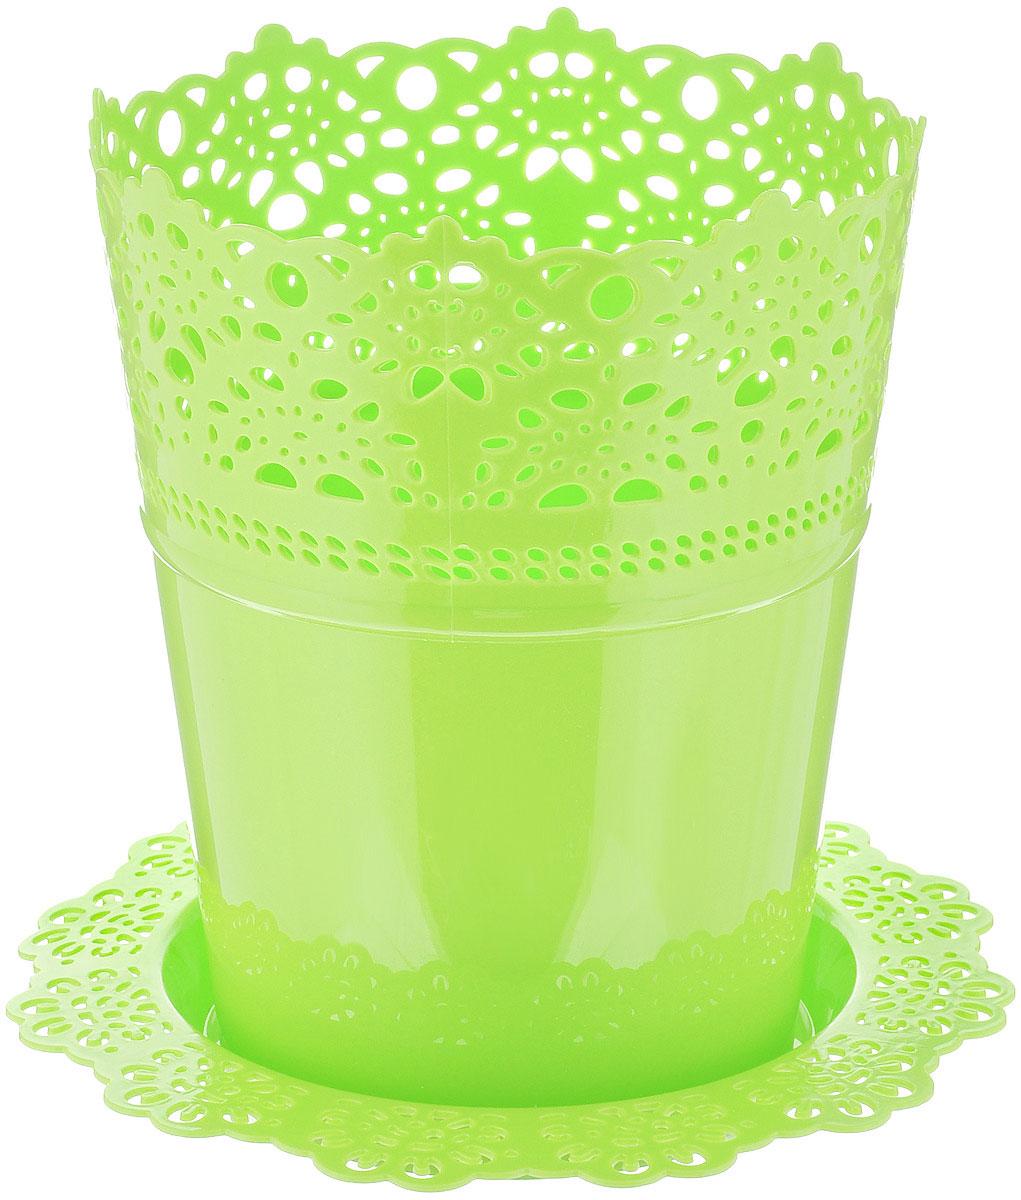 Кашпо Idea Ажур, с подставкой, цвет: салатовый, диаметр 18,5 см16181Кашпо Idea Ажур изготовлено из полипропилена (пластика). Специальная подставка предназначена для стока воды. Верх изделия и подставка оформлены перфорацией, напоминающей кружево. Изделие прекрасно подходит для выращивания растений и цветов в домашних условиях. Диаметр подставки: 23,5 см.